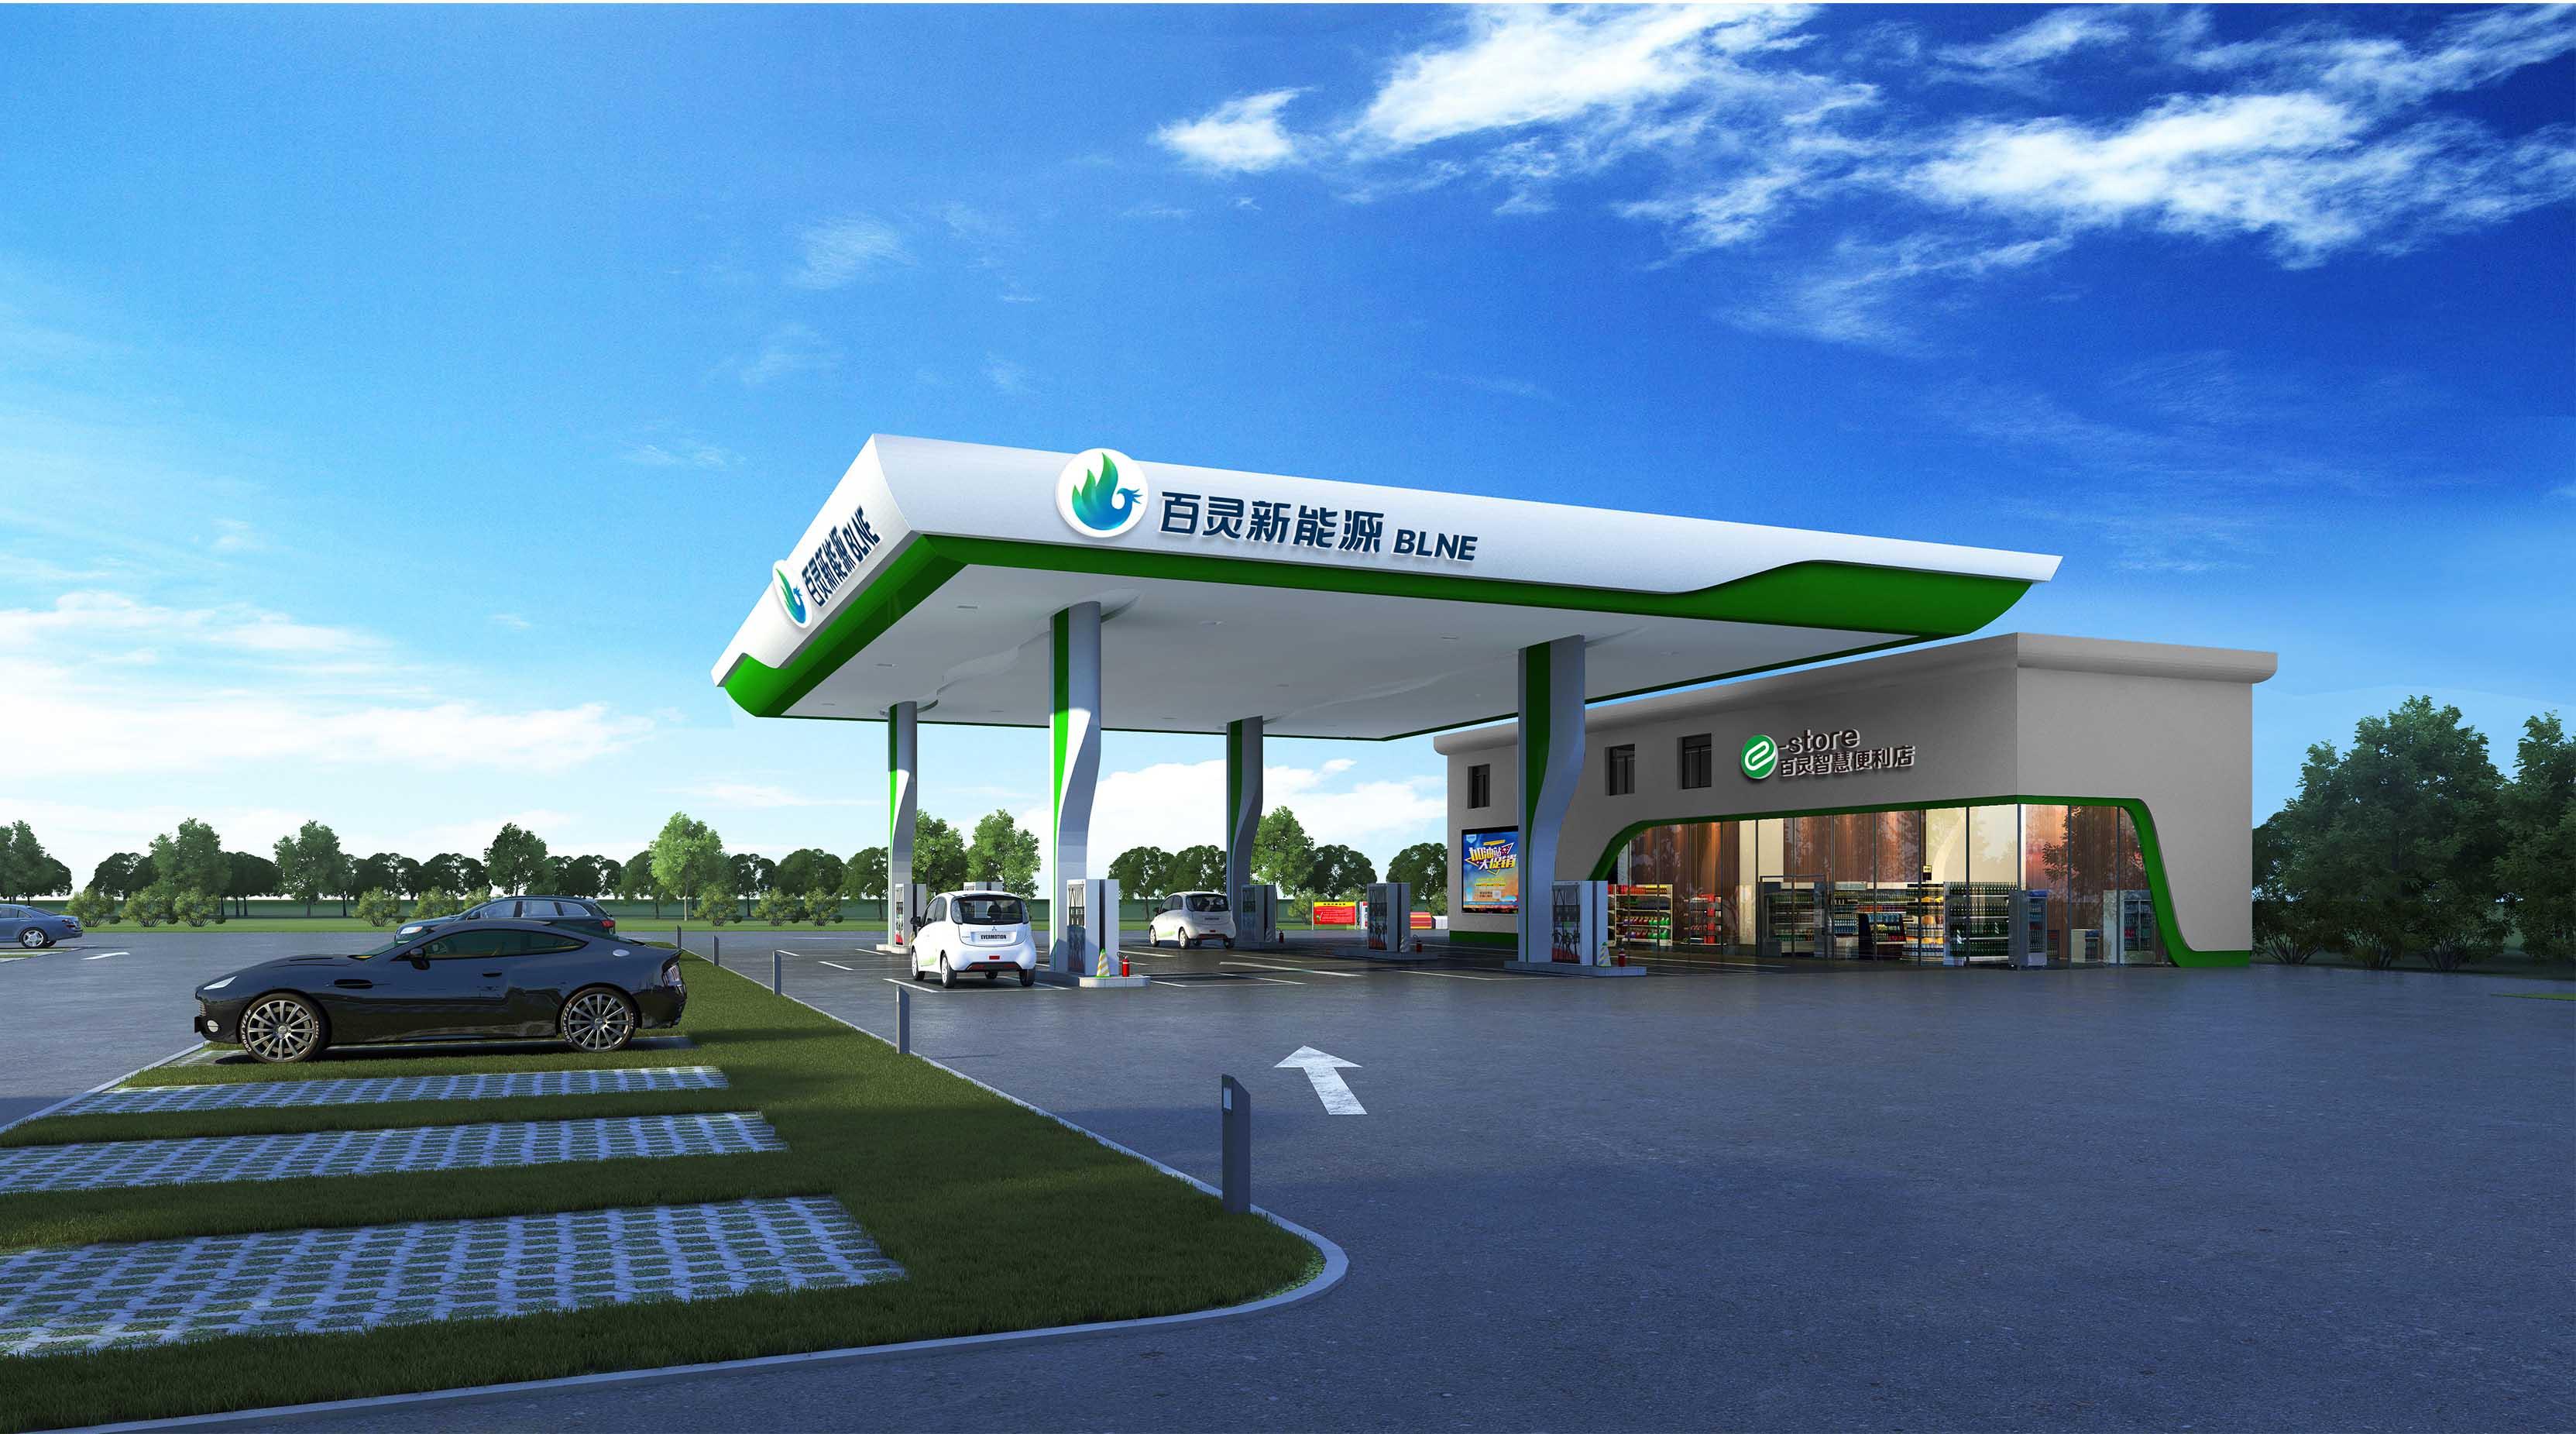 加油站整体形象VIS设计、空间设计-百灵(总监创作)